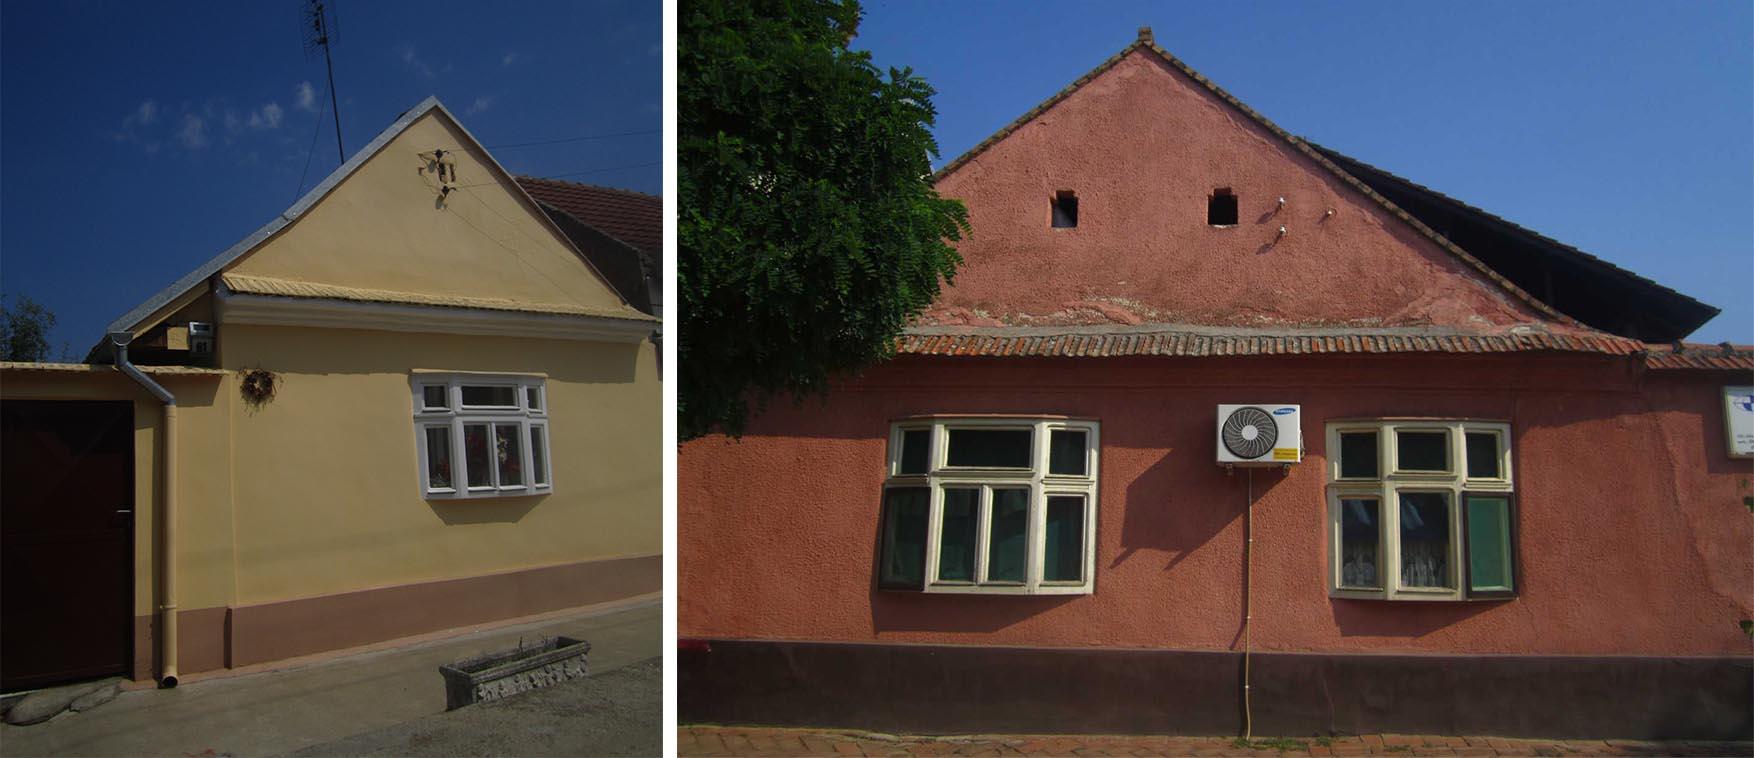 312 Bela Crkva